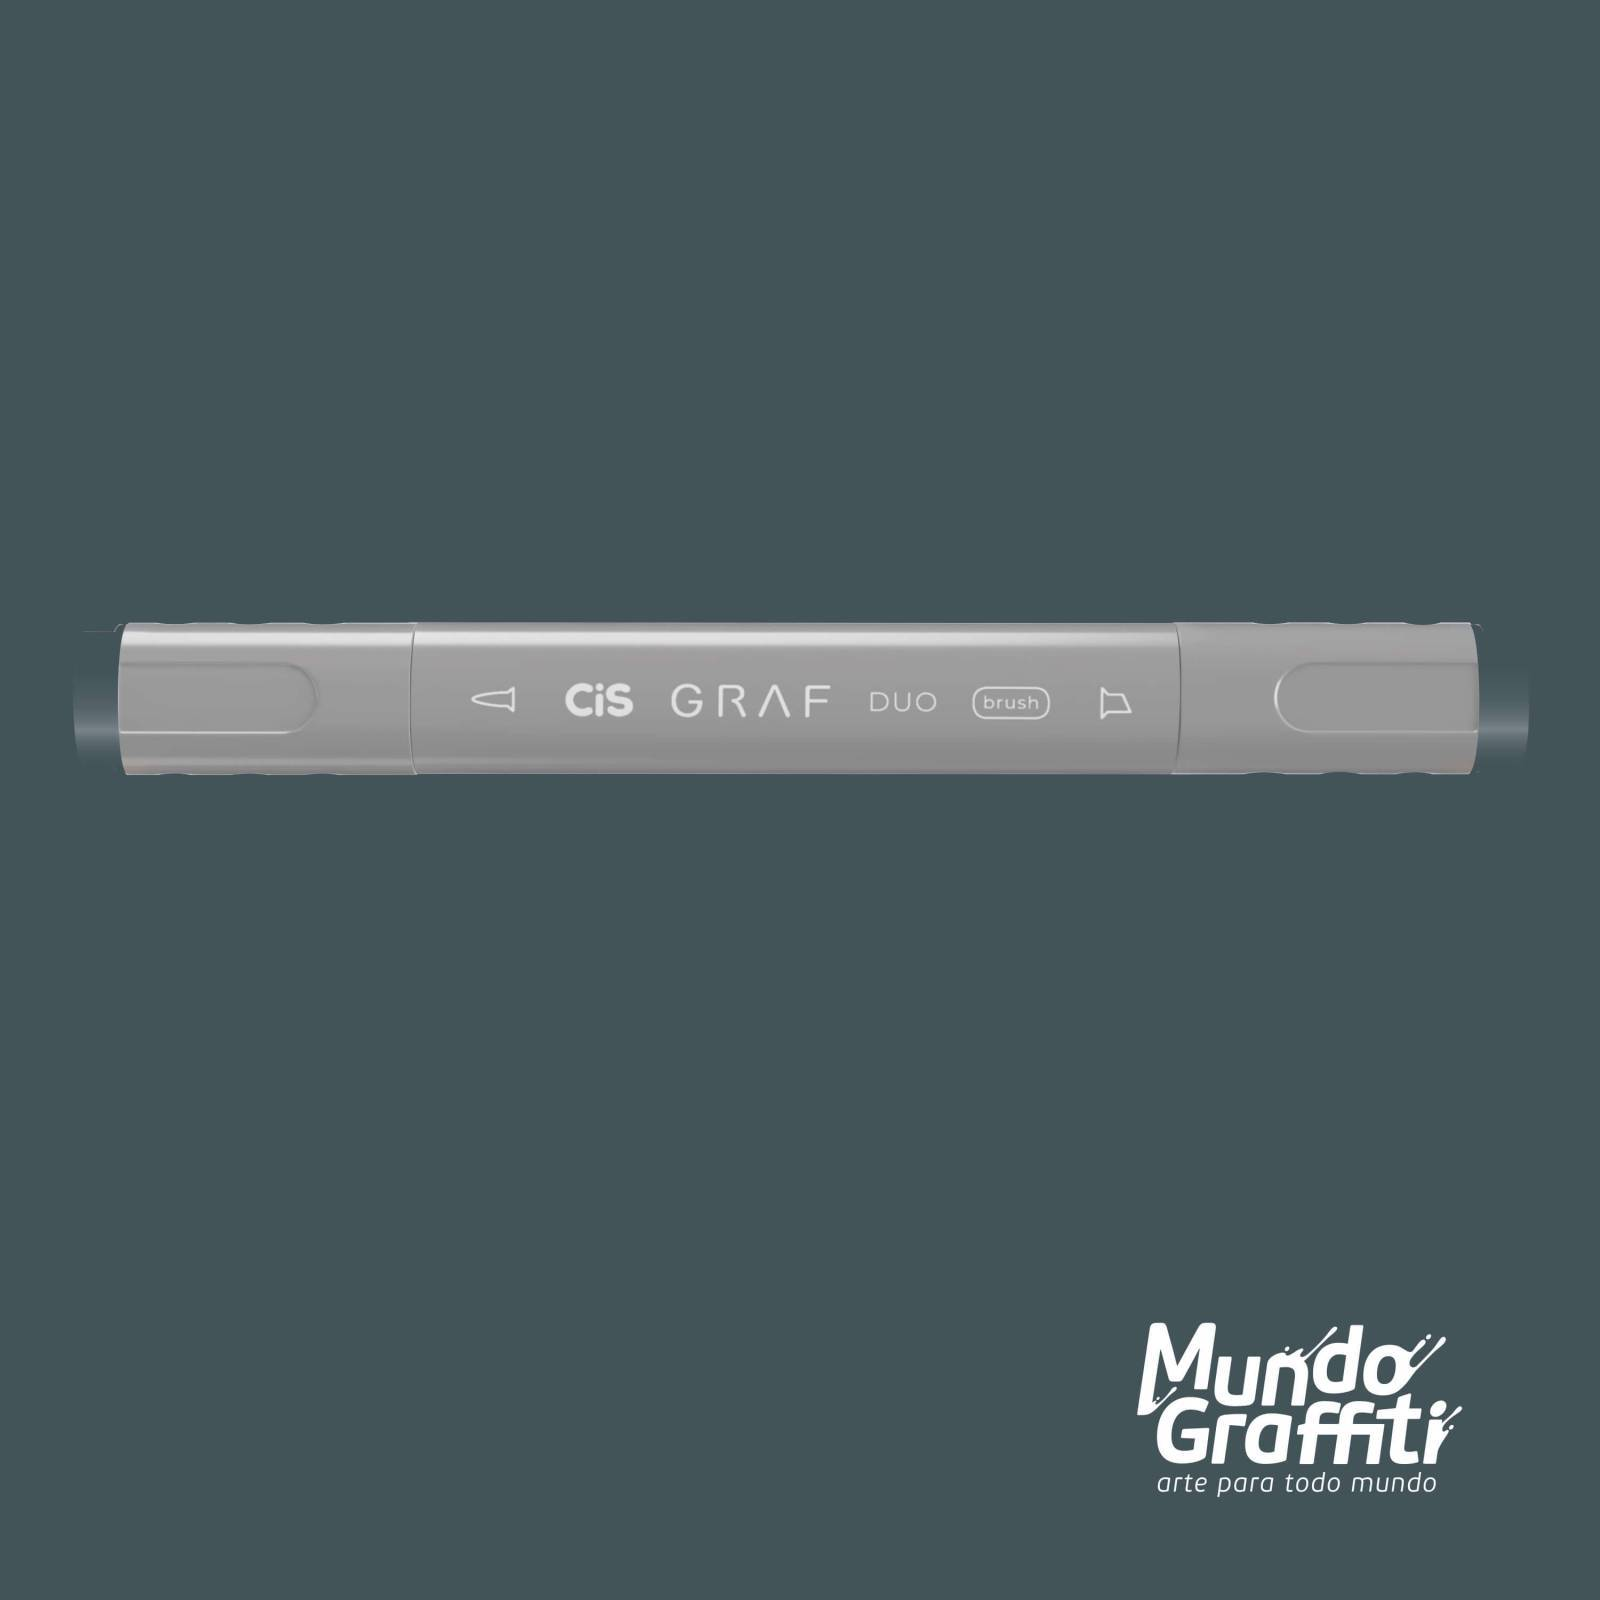 Marcador Cis Graf Duo Brush BG5 Blue Grey - Mundo Graffiti